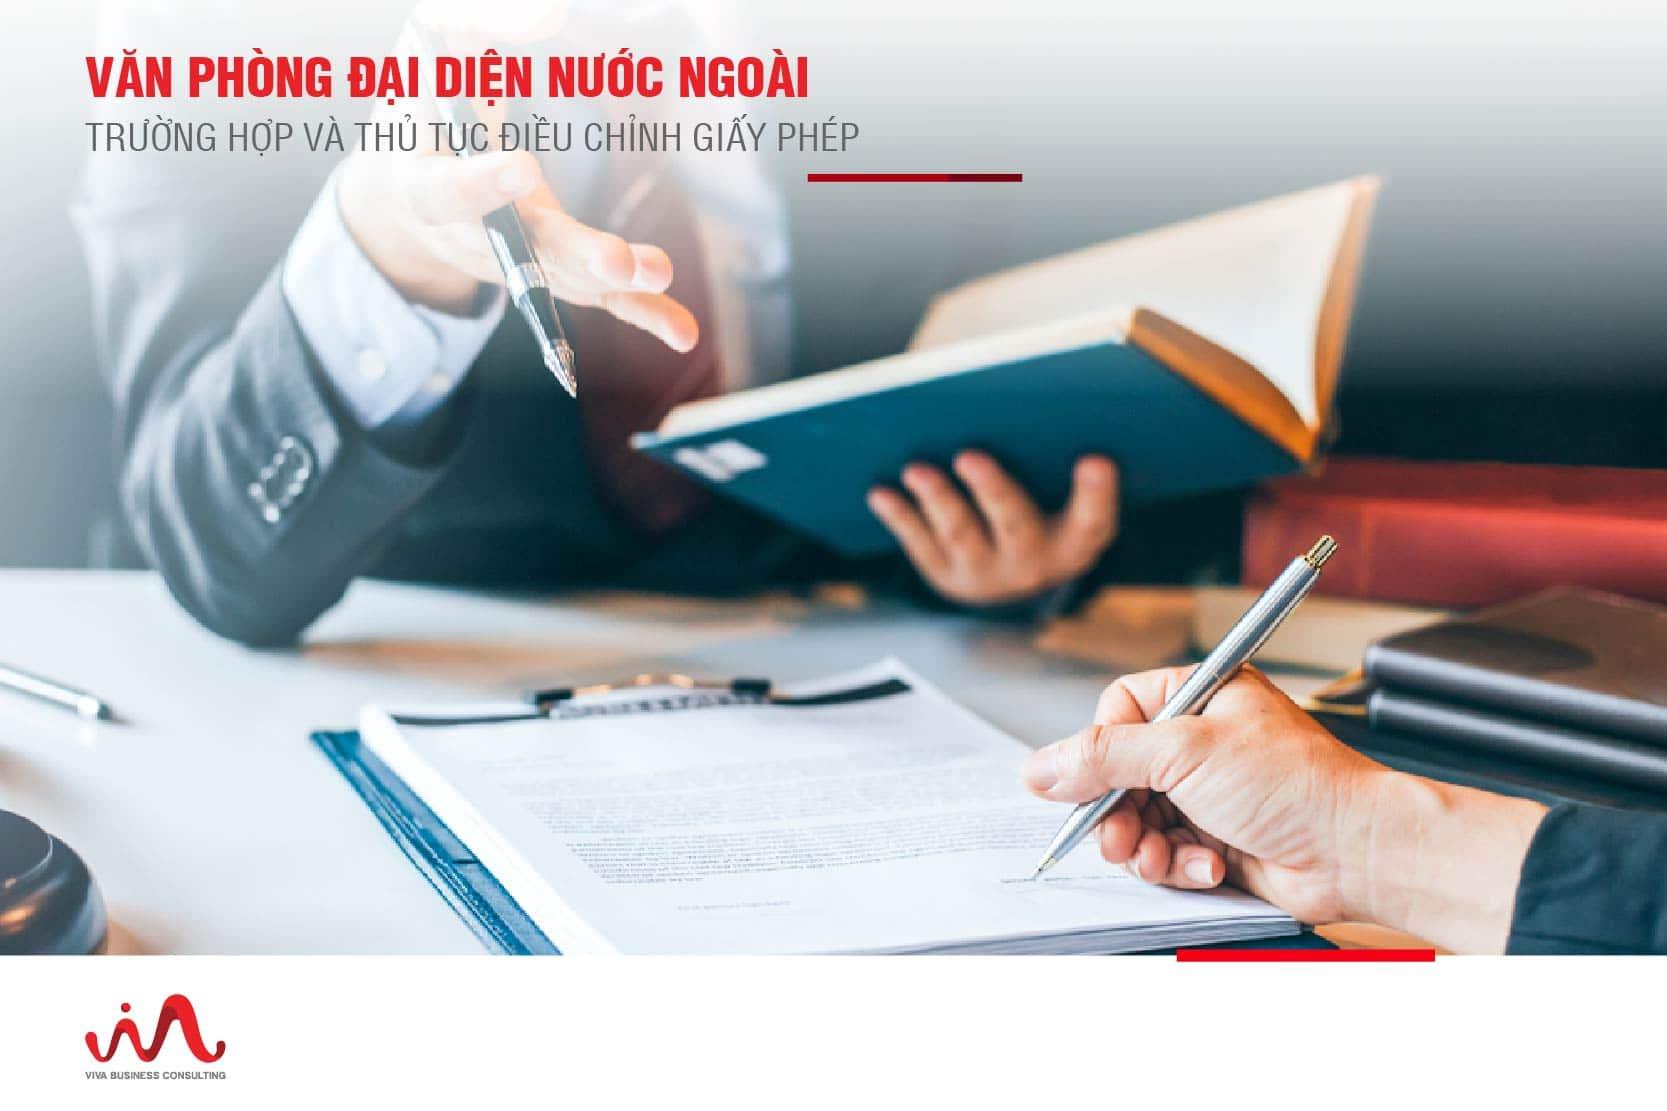 Điều chỉnh giấy phép cho văn phòng đại diện nước ngoài tại Việt Nam